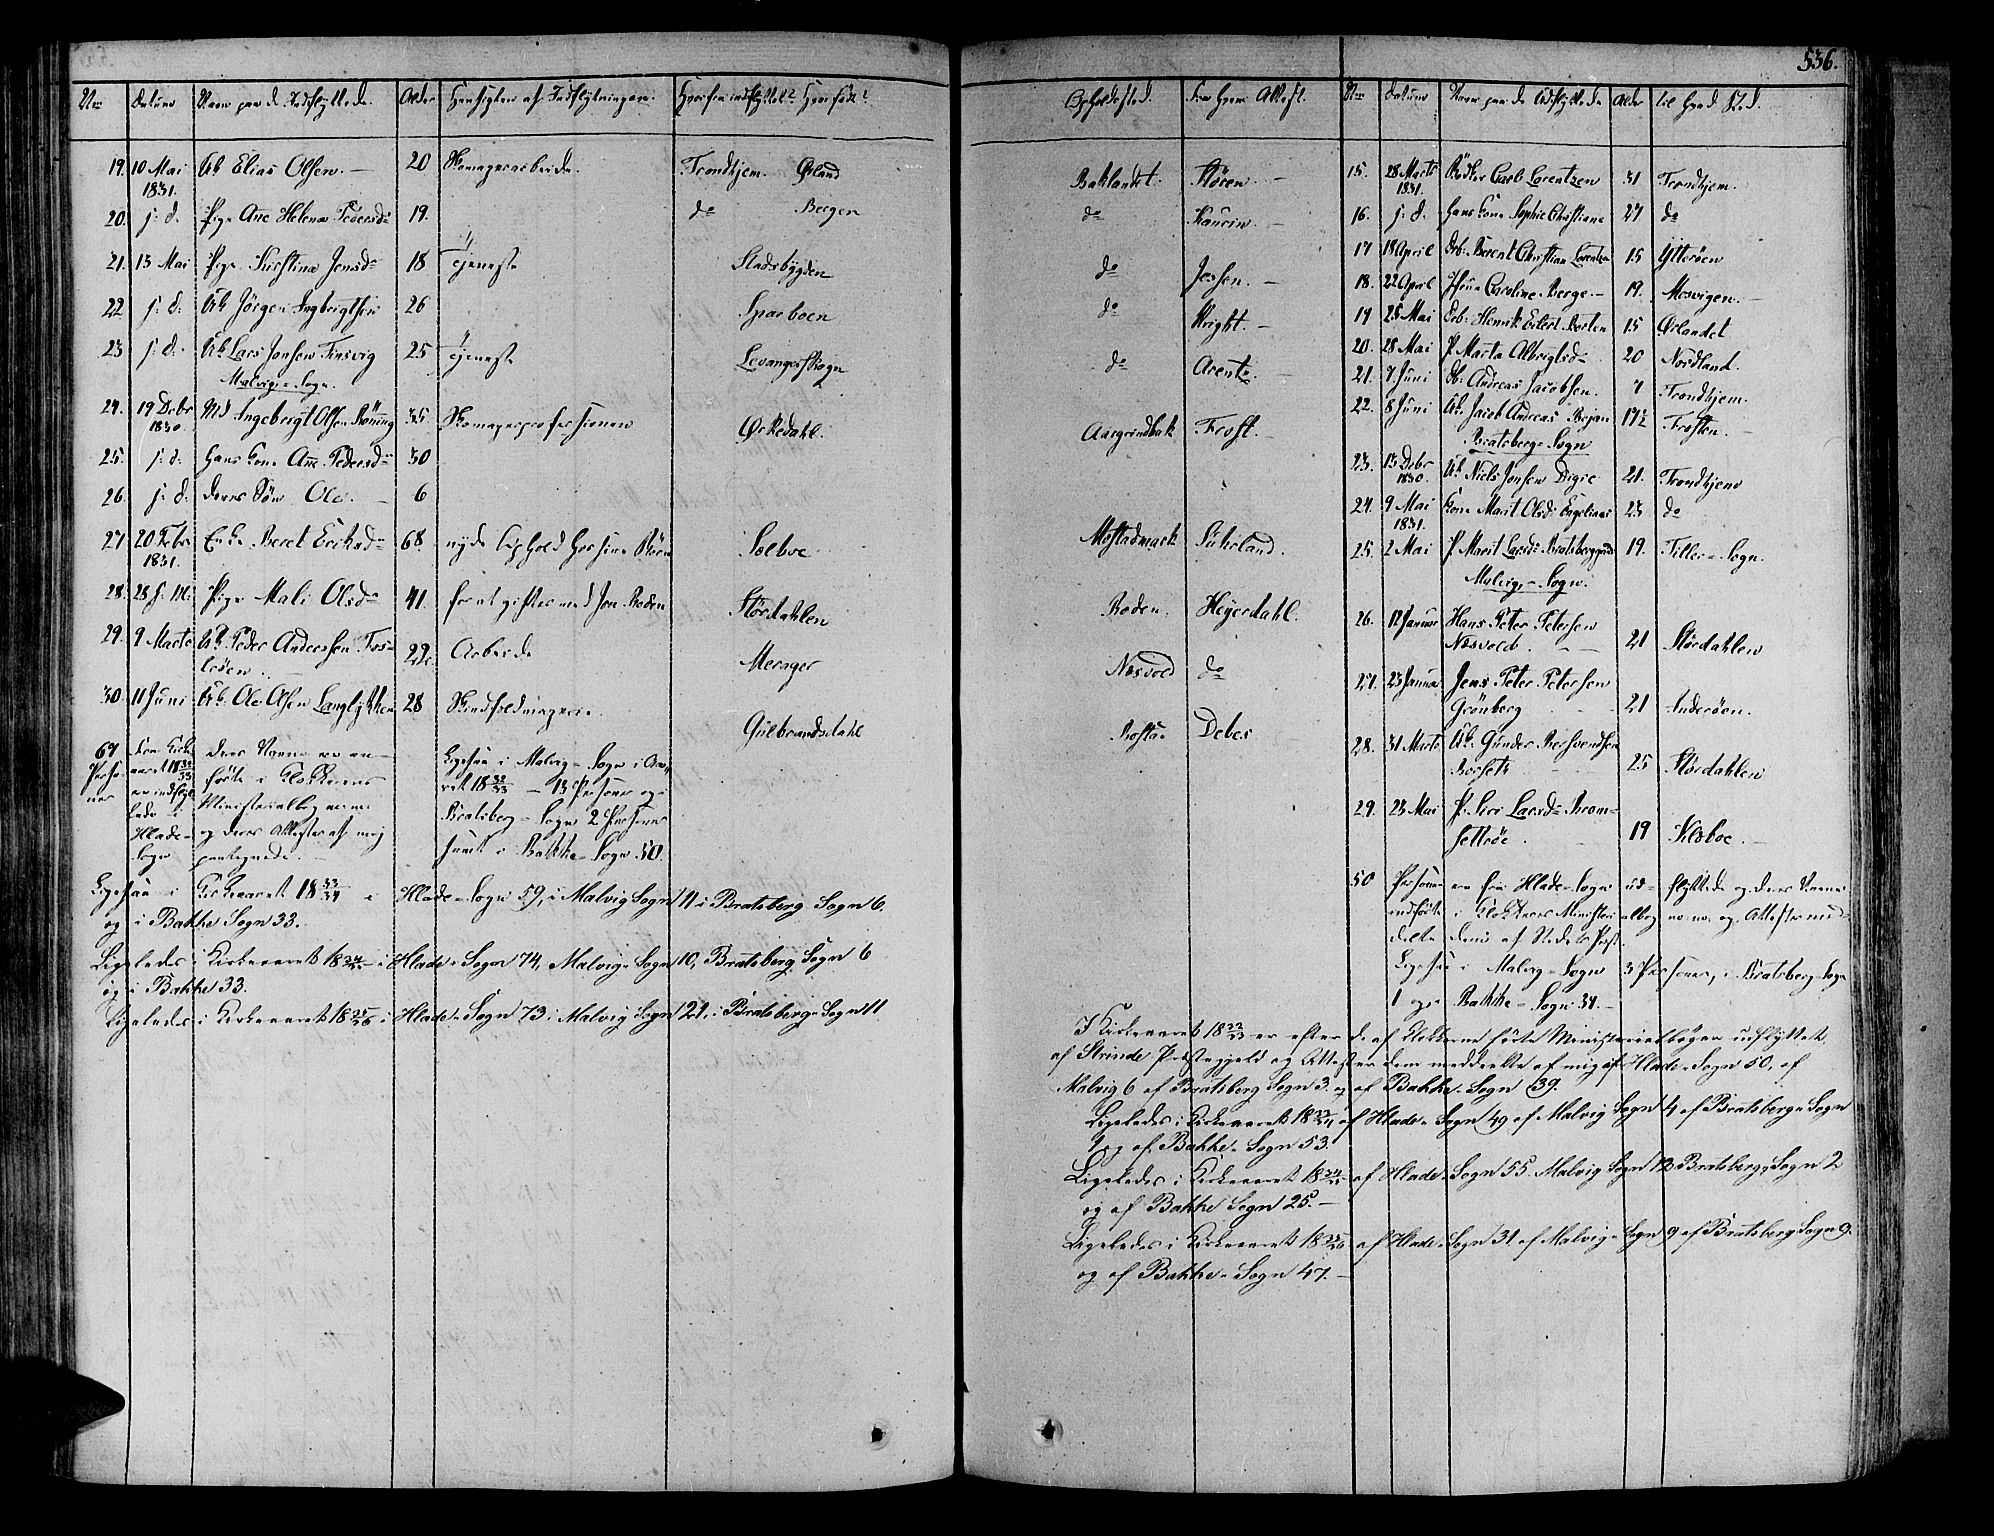 SAT, Ministerialprotokoller, klokkerbøker og fødselsregistre - Sør-Trøndelag, 606/L0286: Ministerialbok nr. 606A04 /1, 1823-1840, s. 536